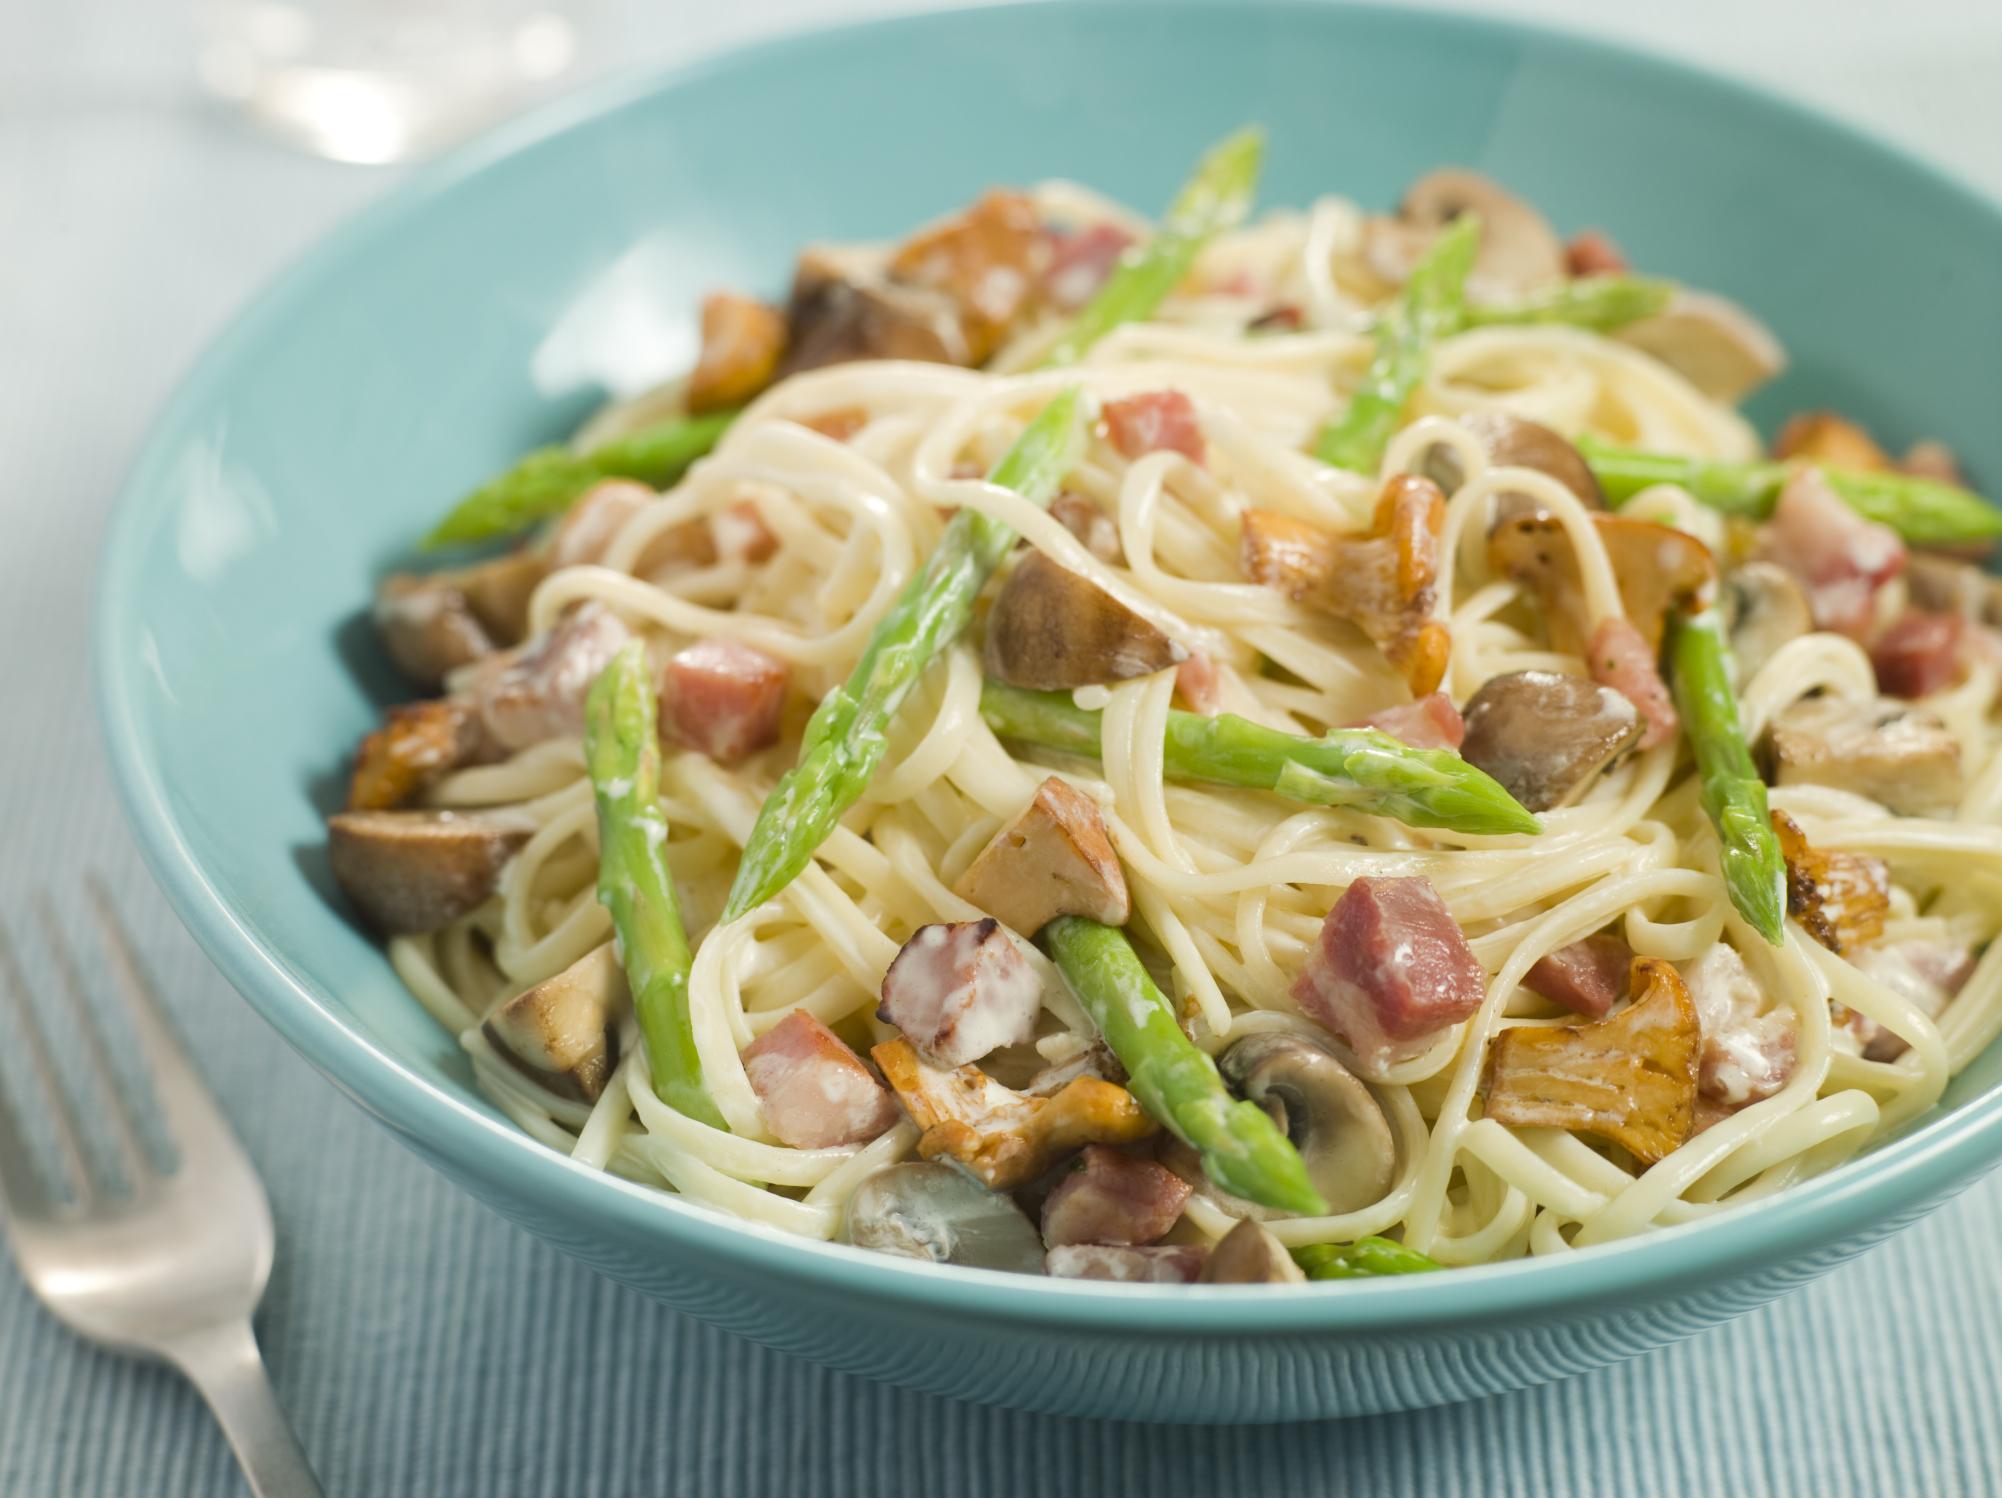 Ensalada de espagueti con espárragos y setas